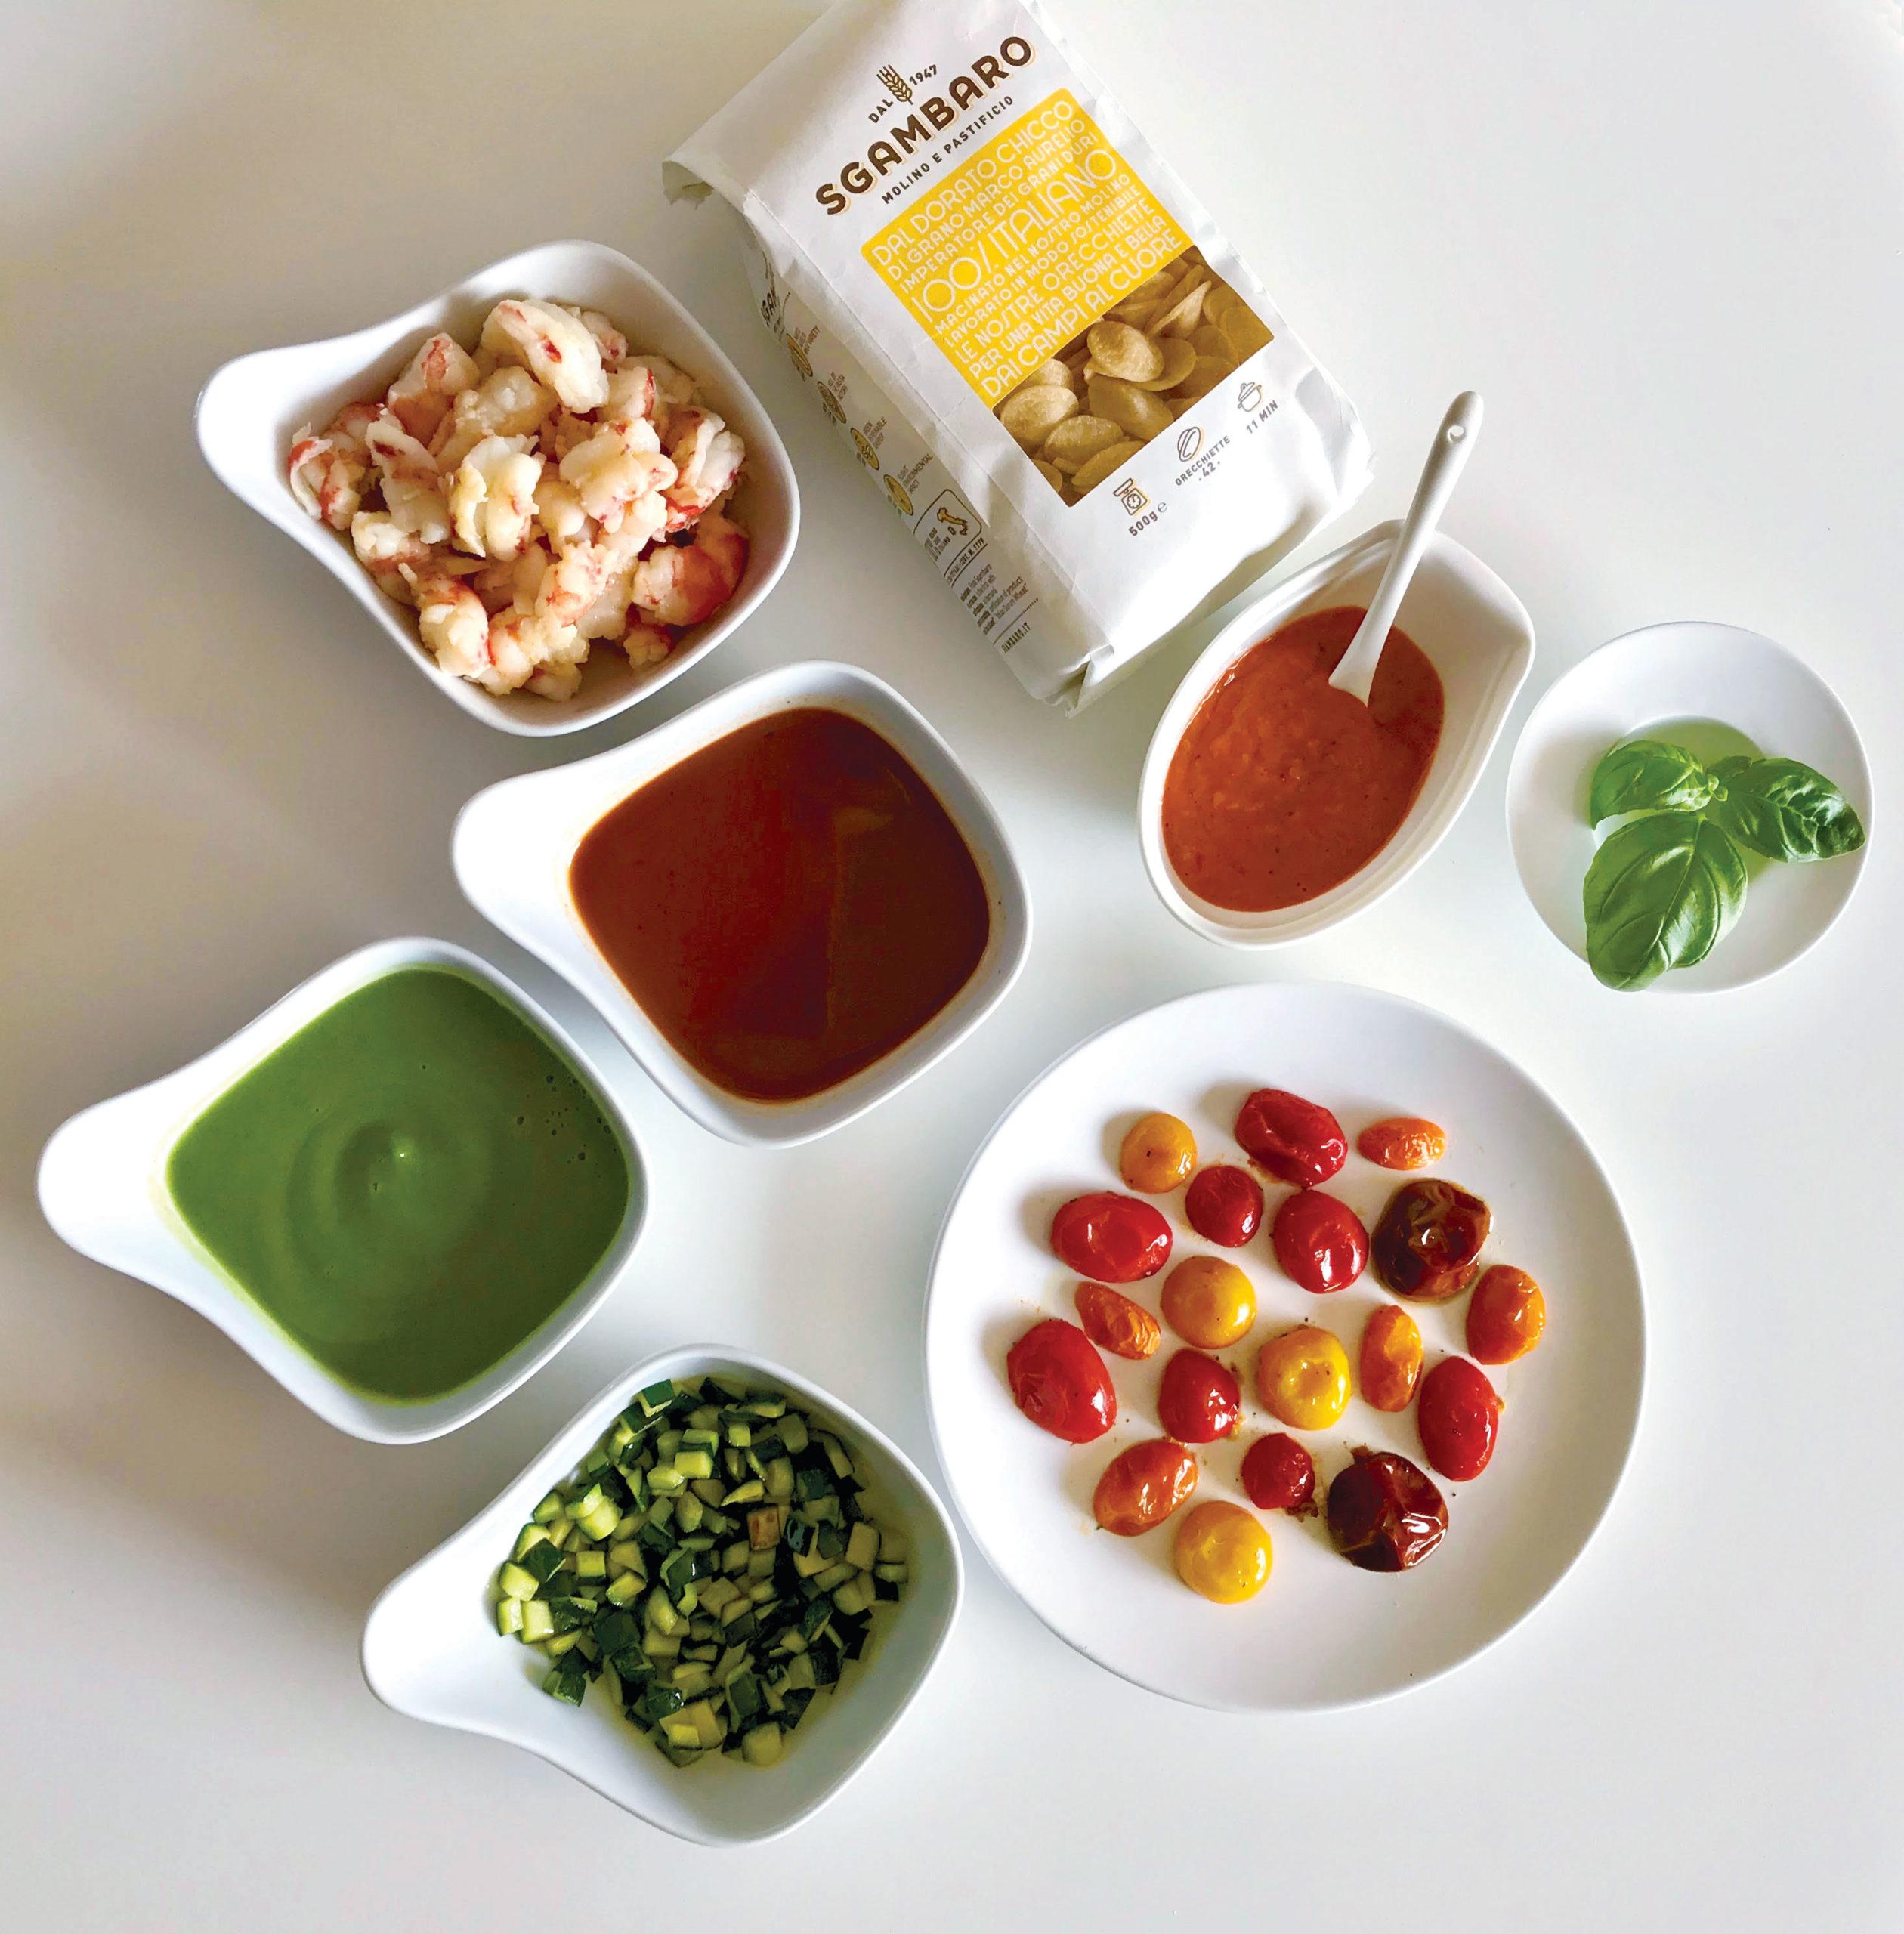 Ingredienti Orecchiette Sgambaro ai pomodorini, con gamberi e zucchine.